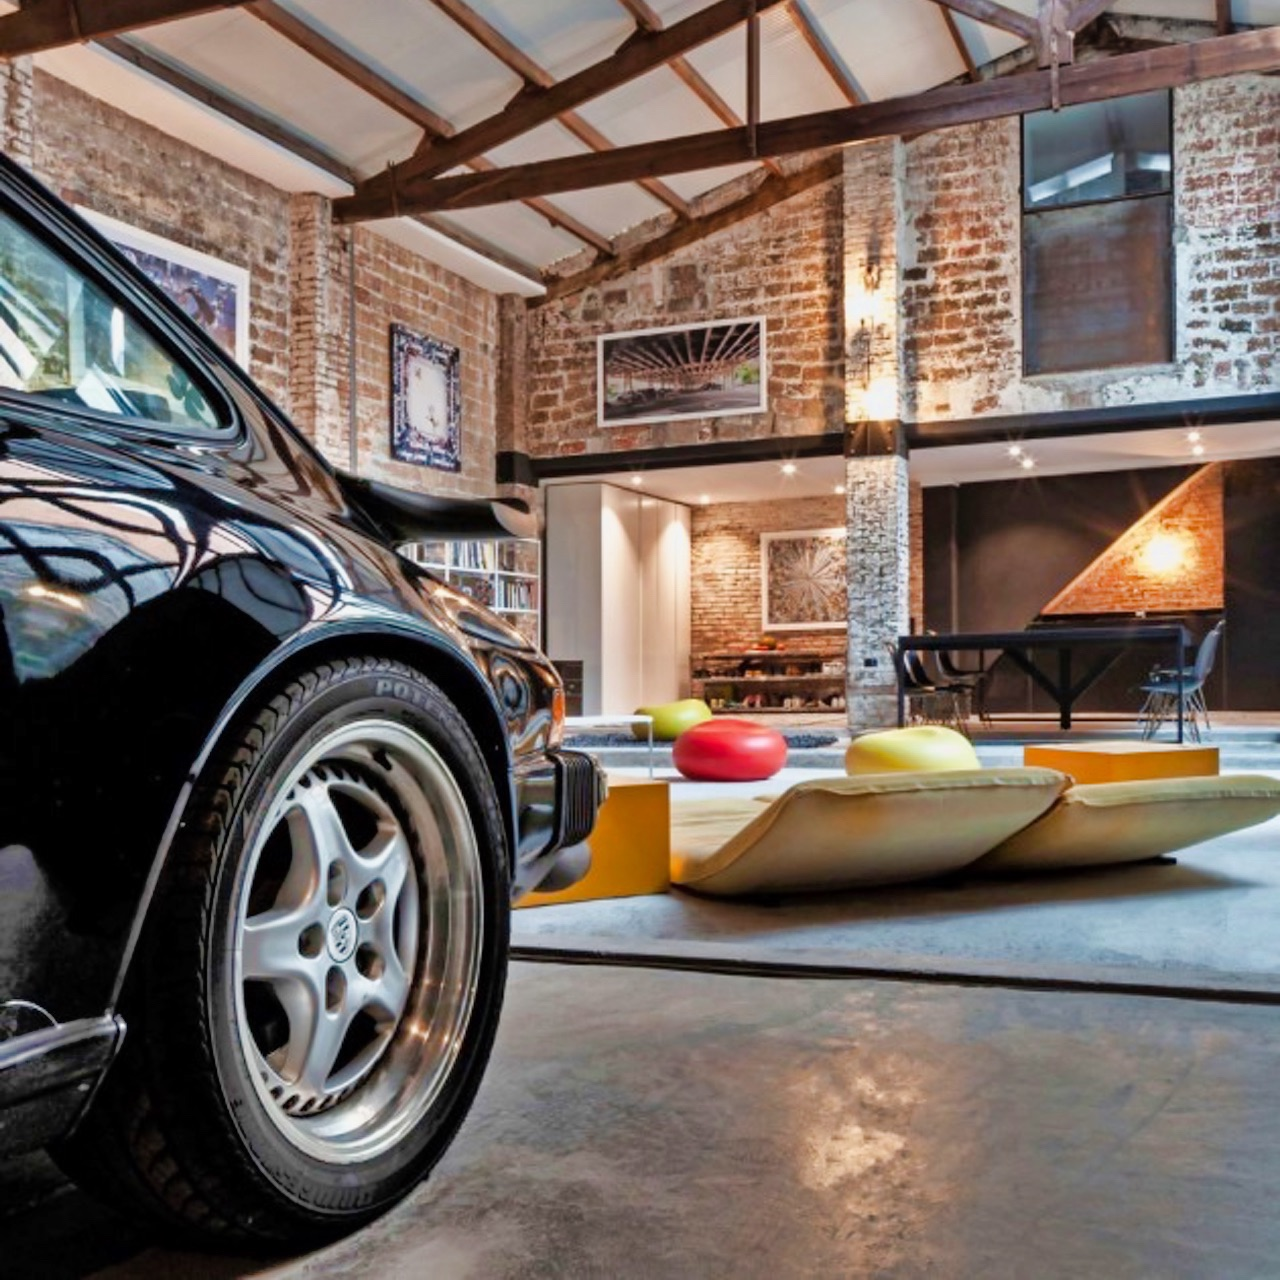 La classe dans mon garage ou dans mon salon #2...! 11